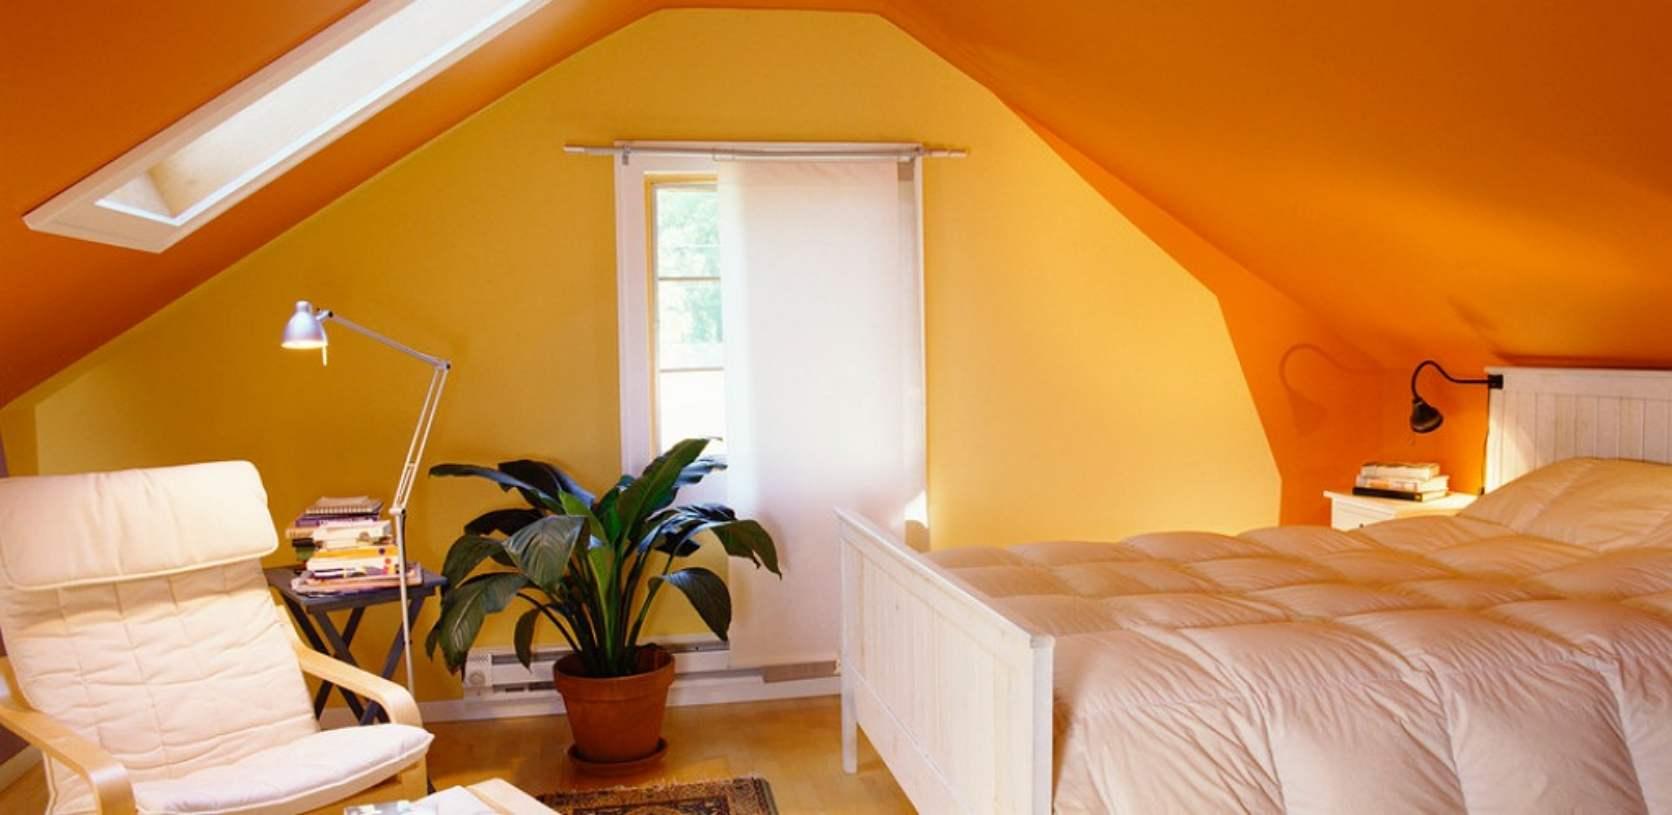 El color va en todas partes, hasta en el techo: así puedes elegir el tono ideal